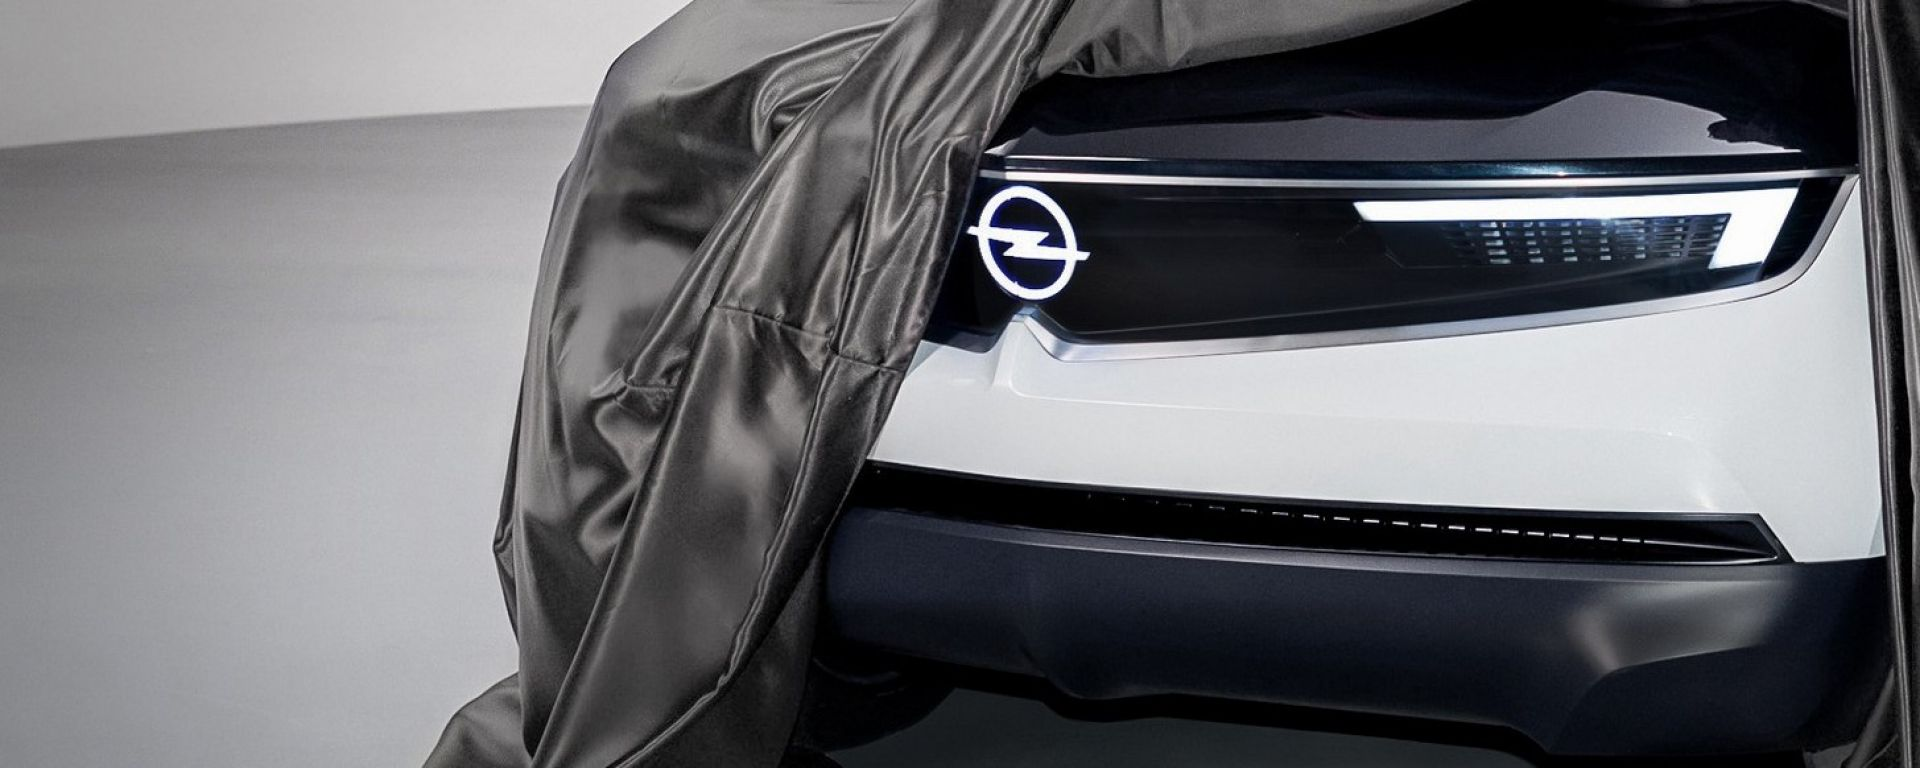 Opel GT X Experimental concept